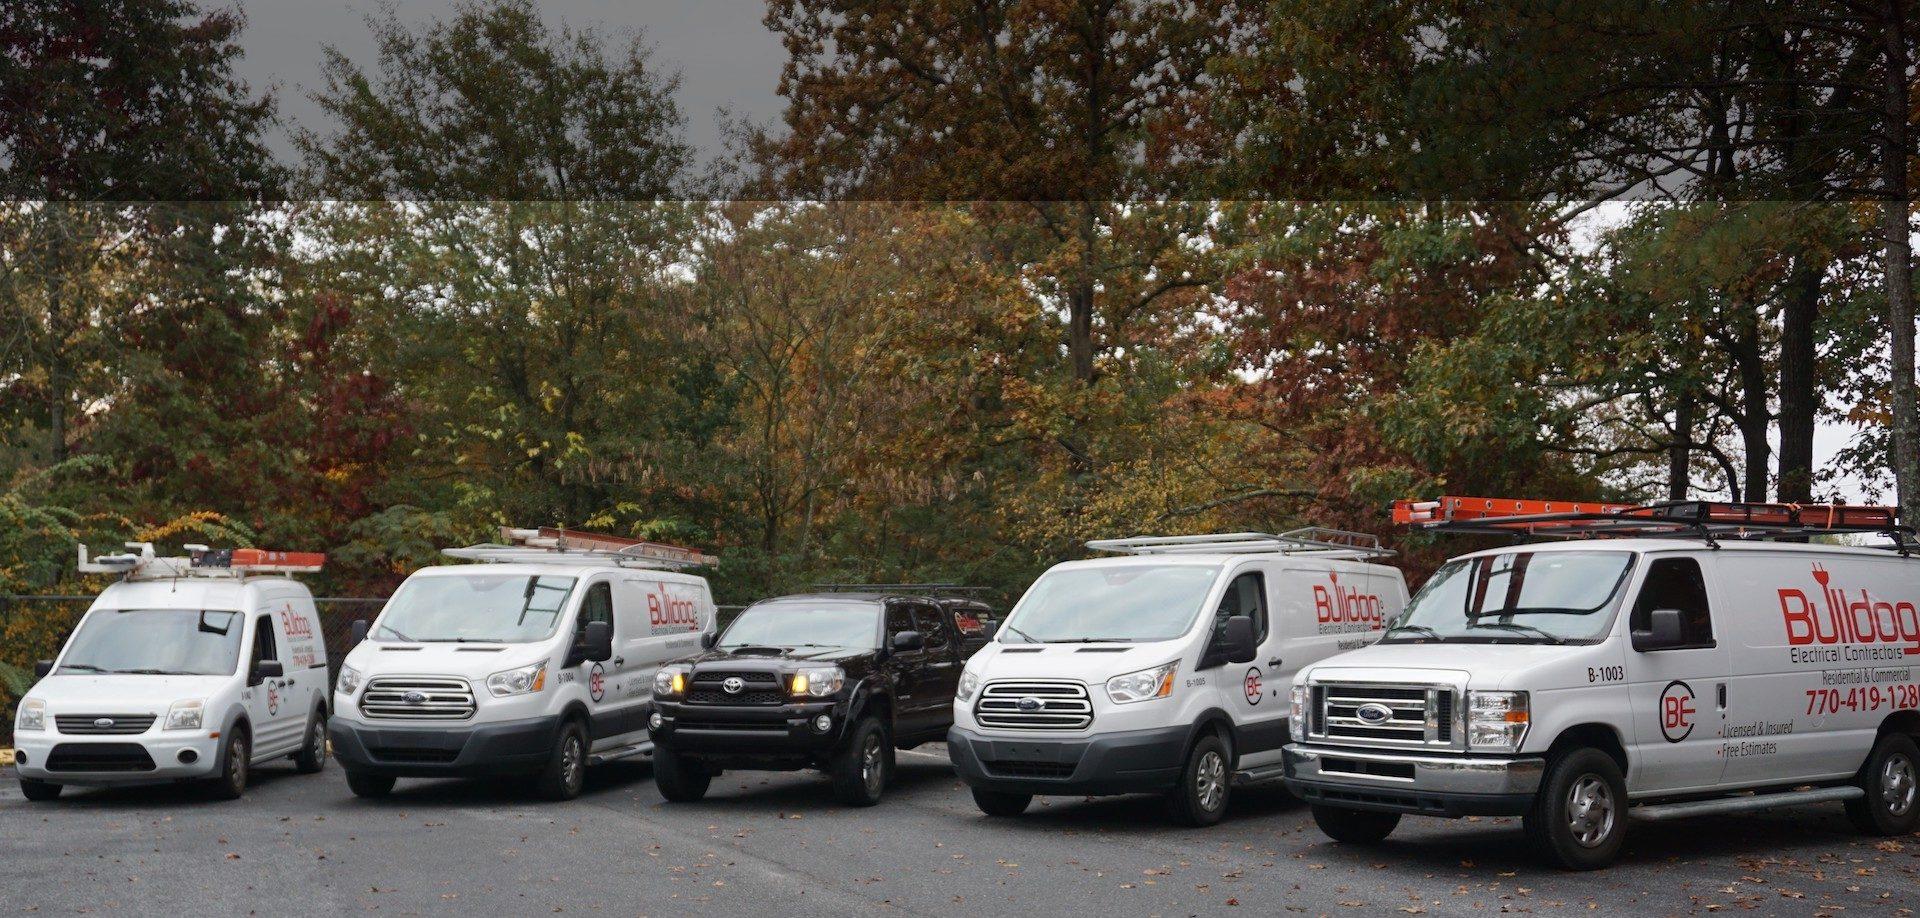 Bulldog Electrical Contractors Inc.